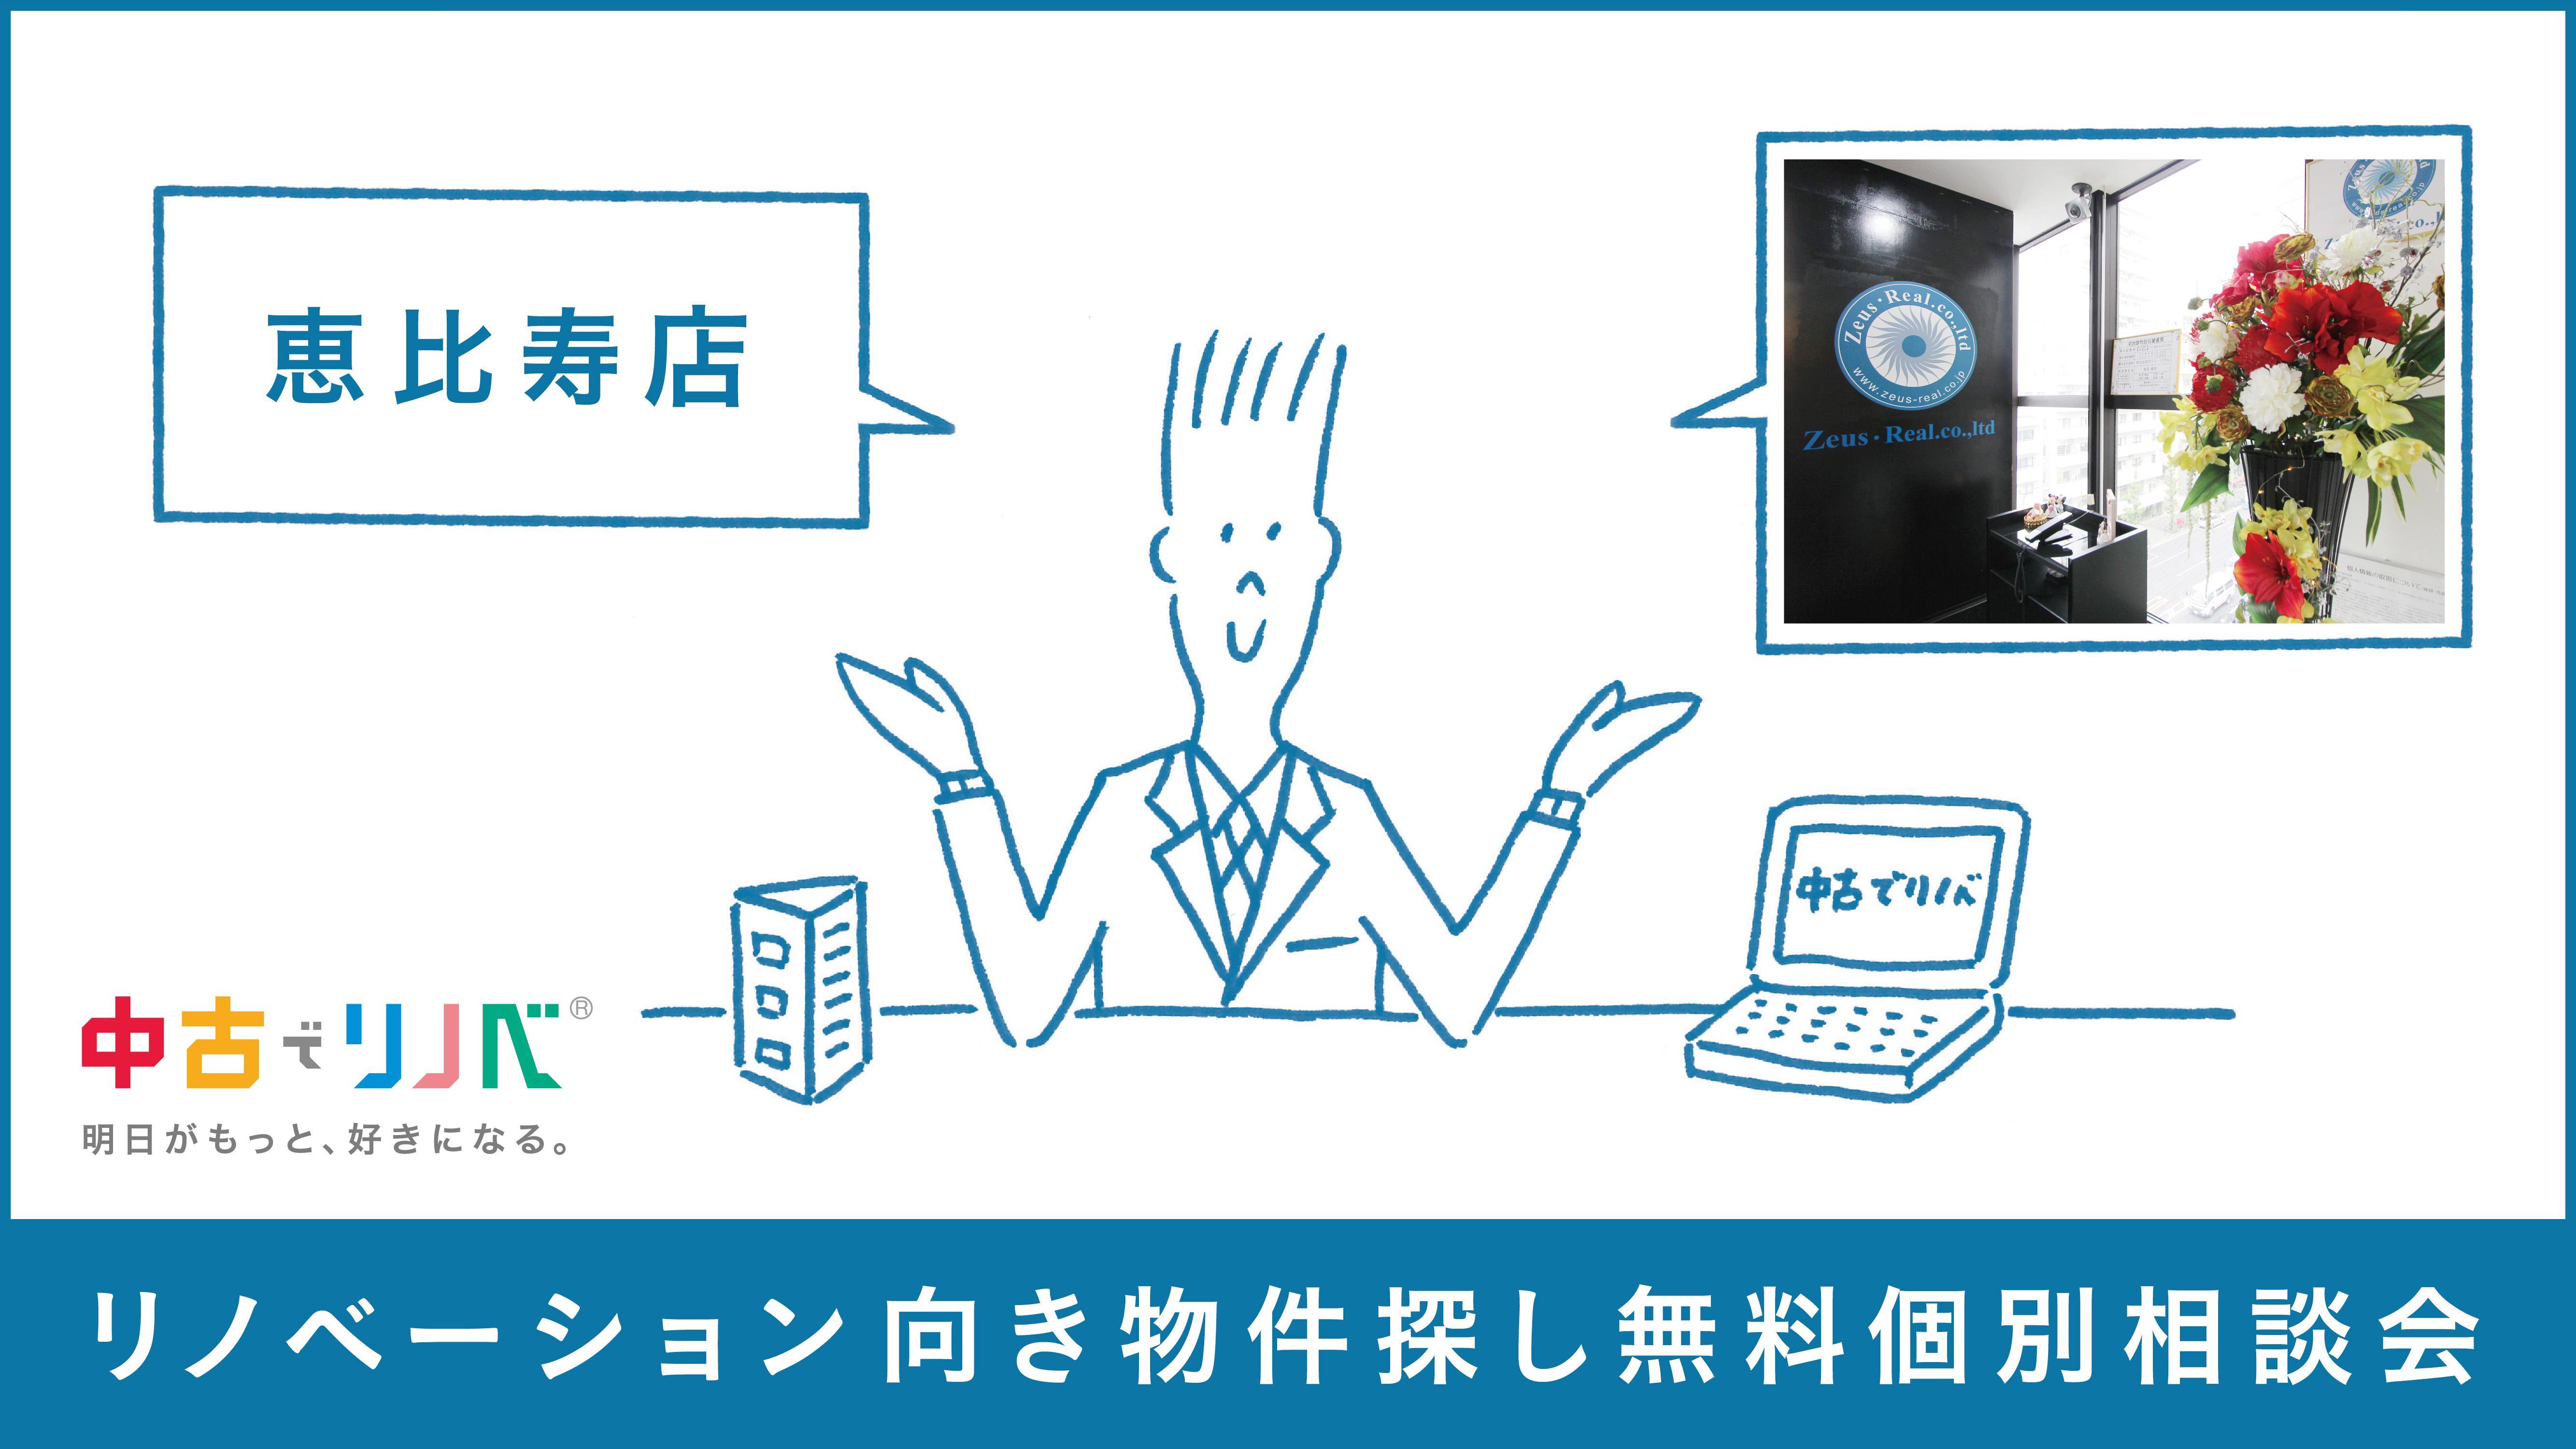 【1/5(土)6(日) in恵比寿】リノベーション向き物件探し無料個別相談会